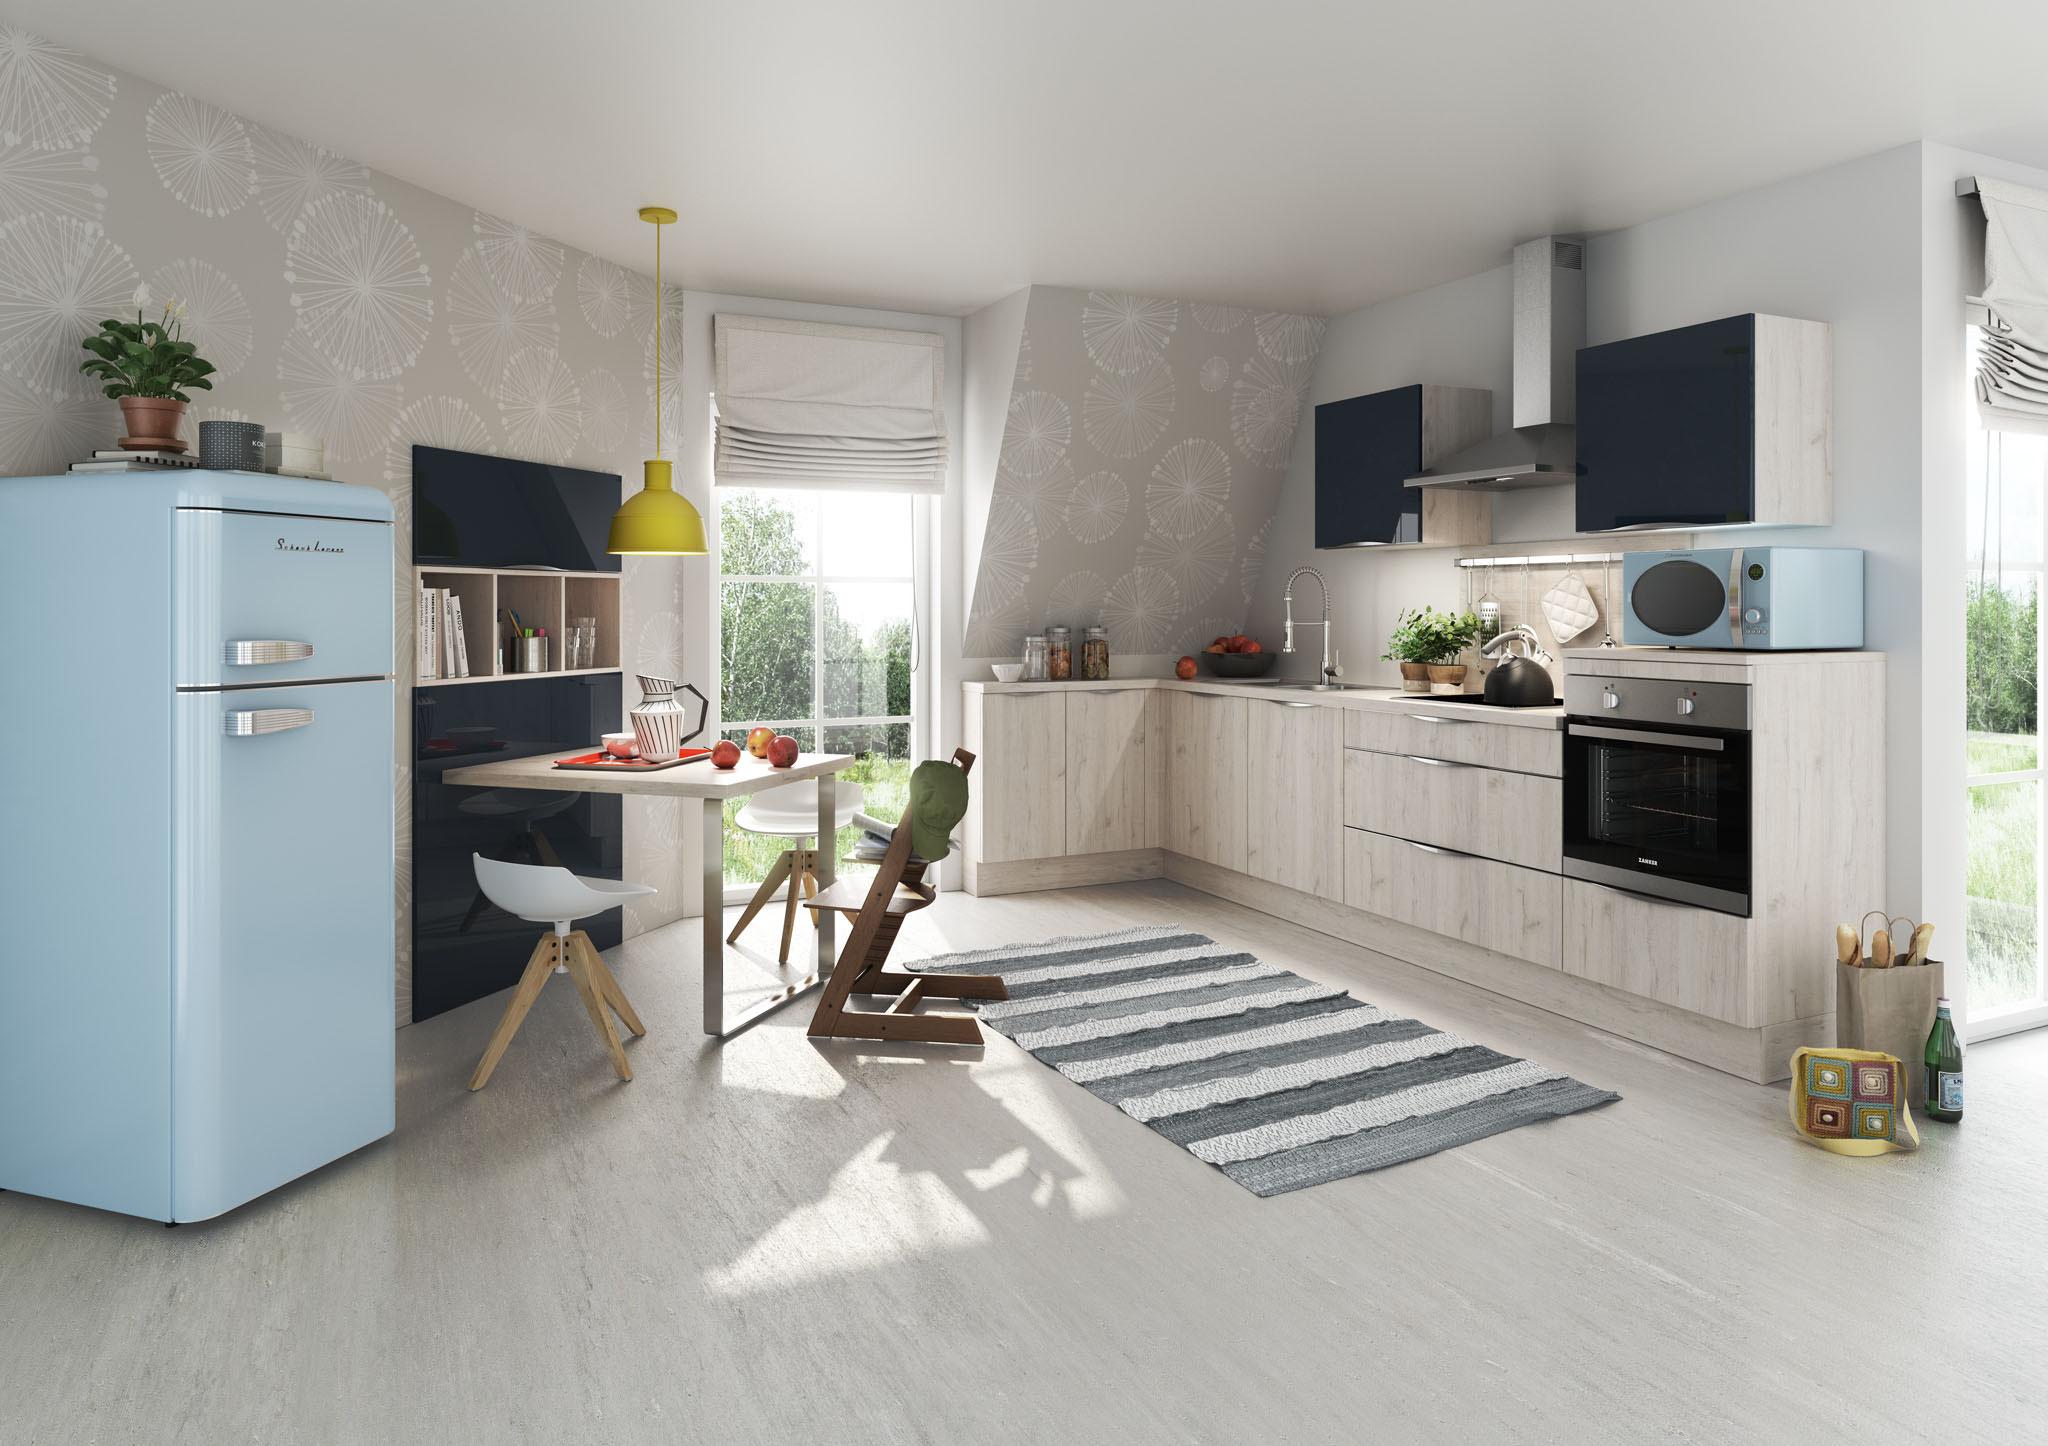 holger holger bath k chen nach ma erfahrungen und bewertungen. Black Bedroom Furniture Sets. Home Design Ideas